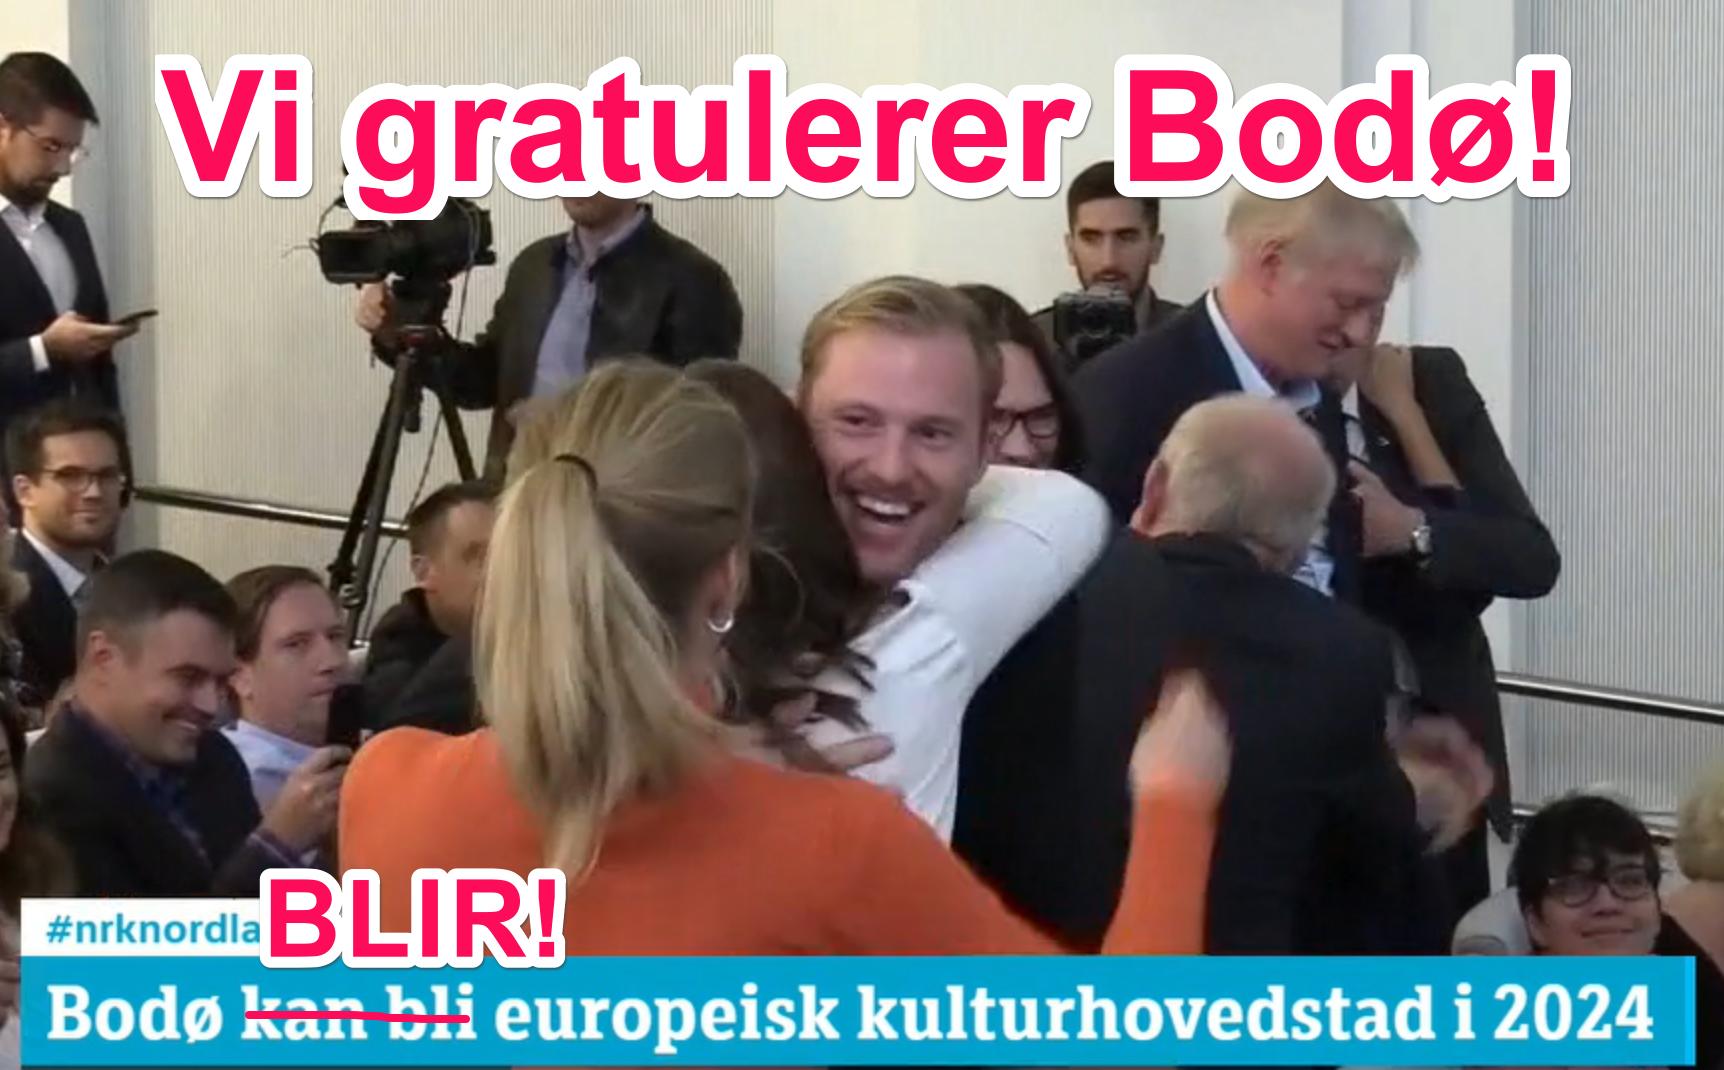 Bodø europeisk kulturhovedstad 2024.png